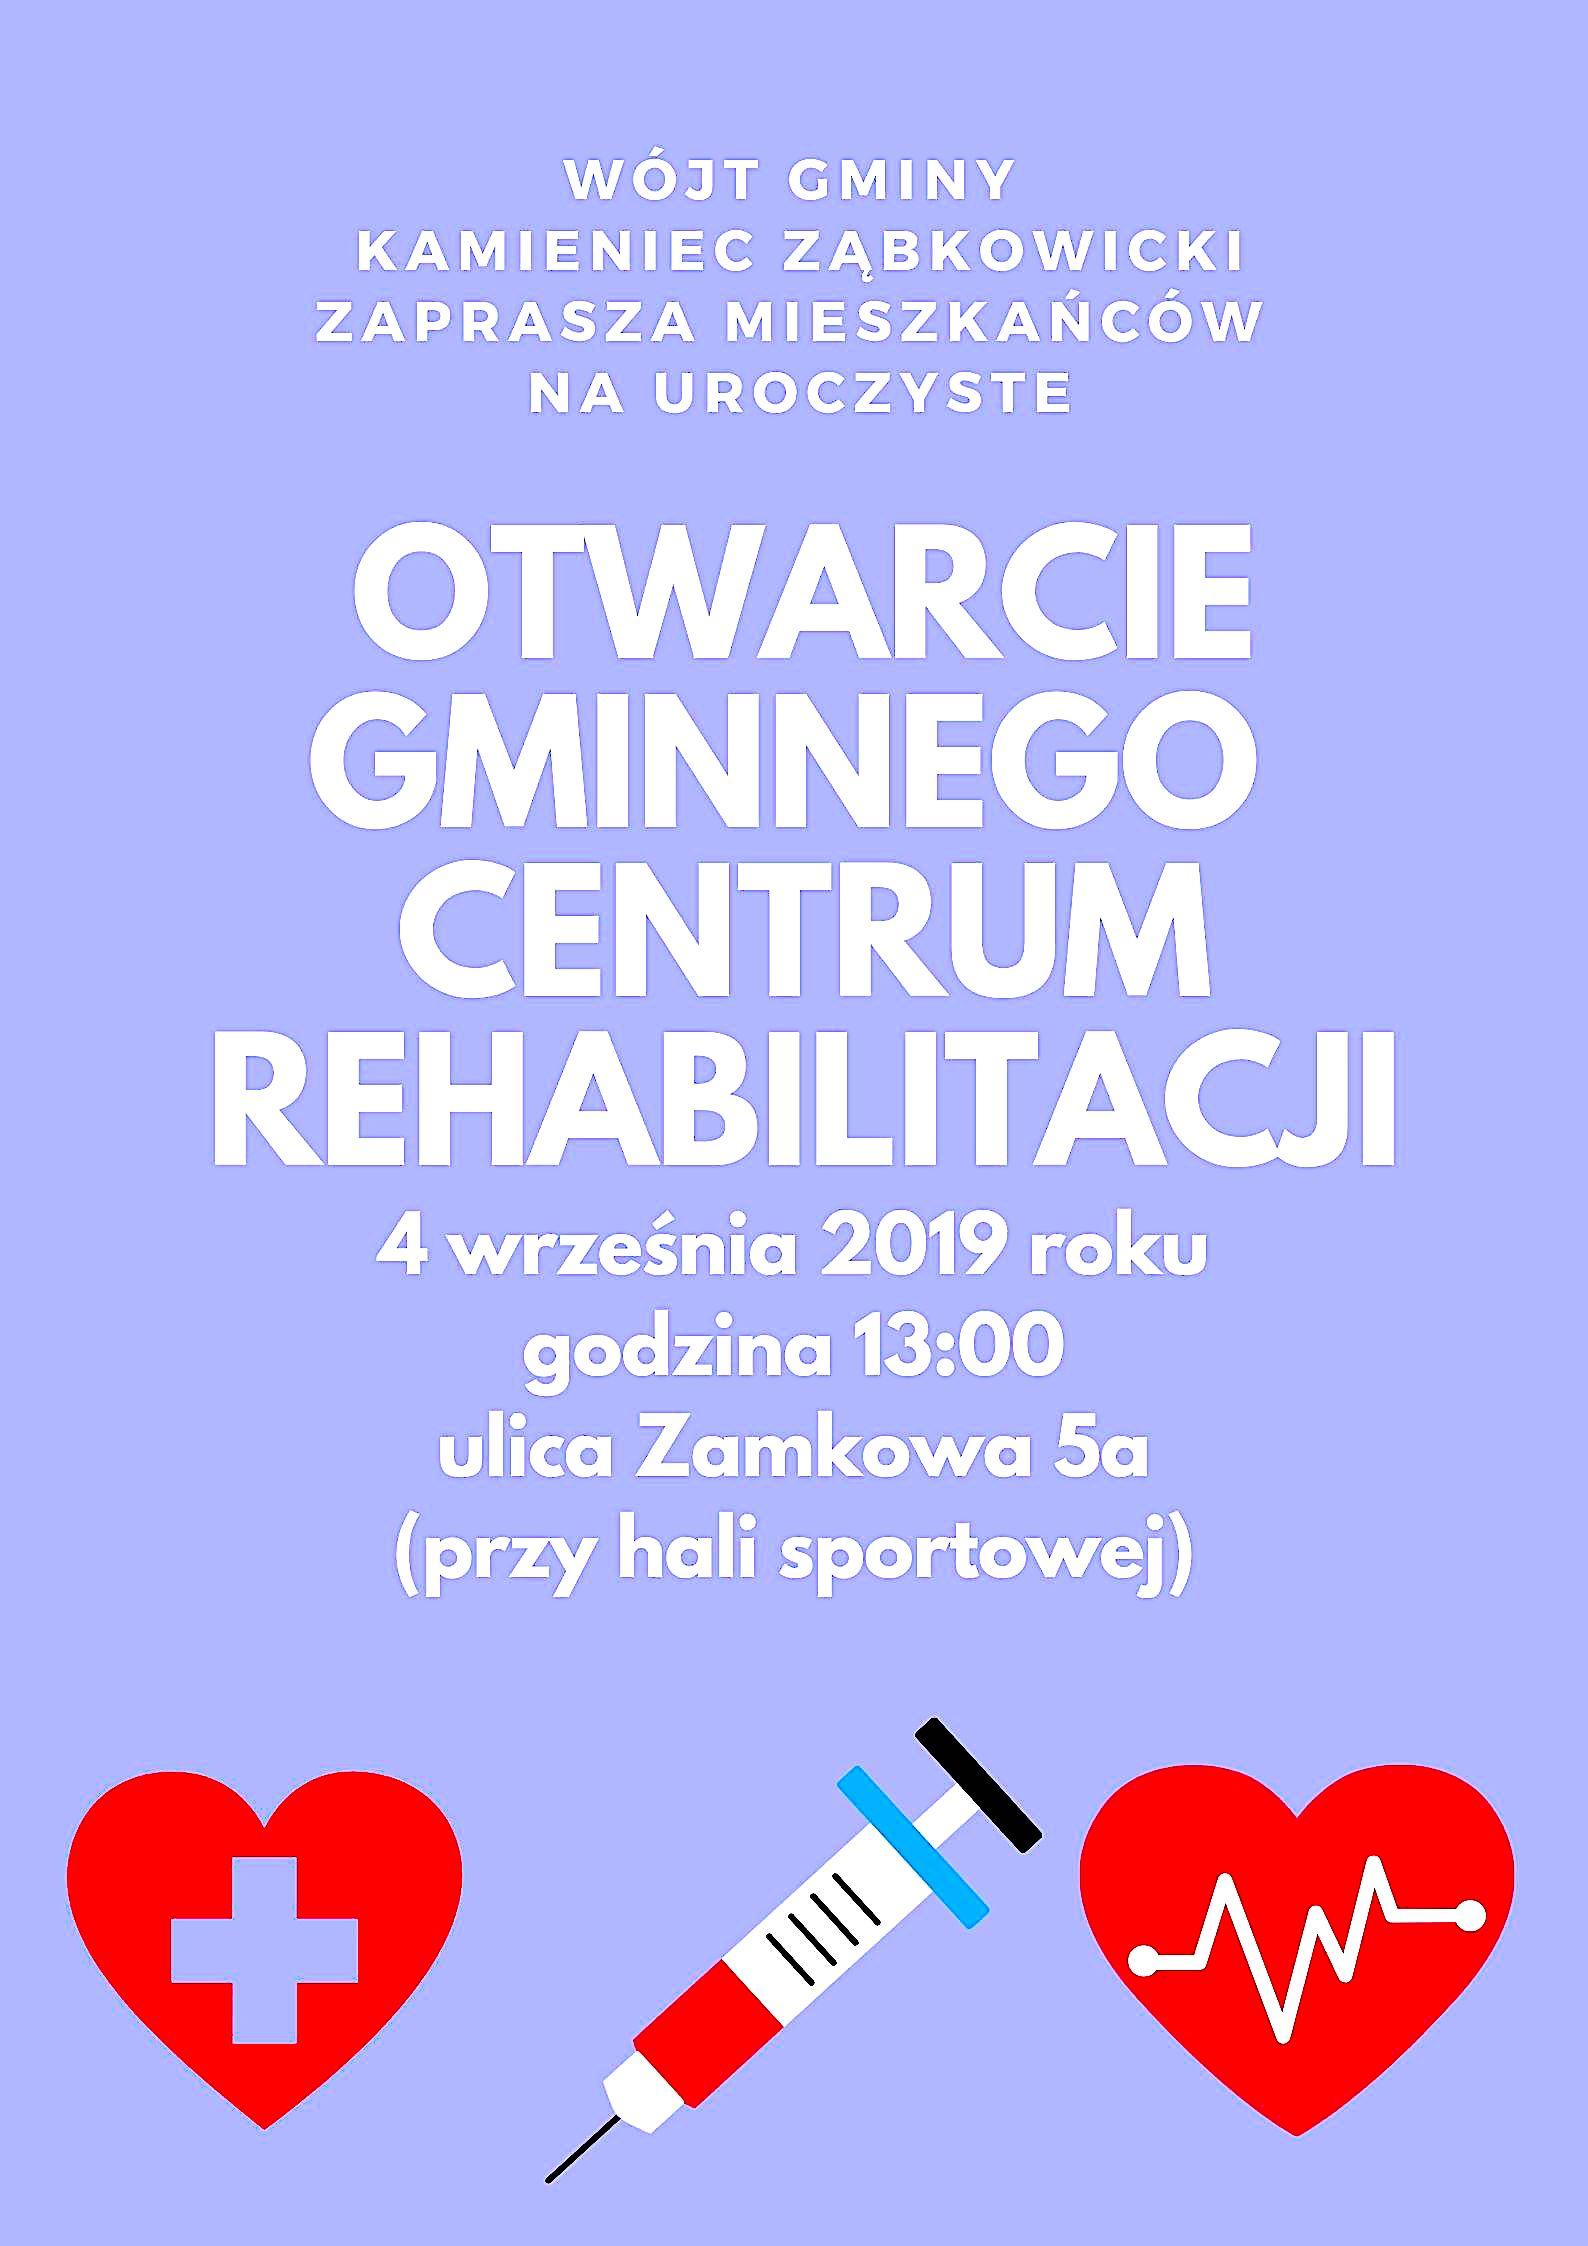 Otwarcie gminnego centrum rehabilitacji_